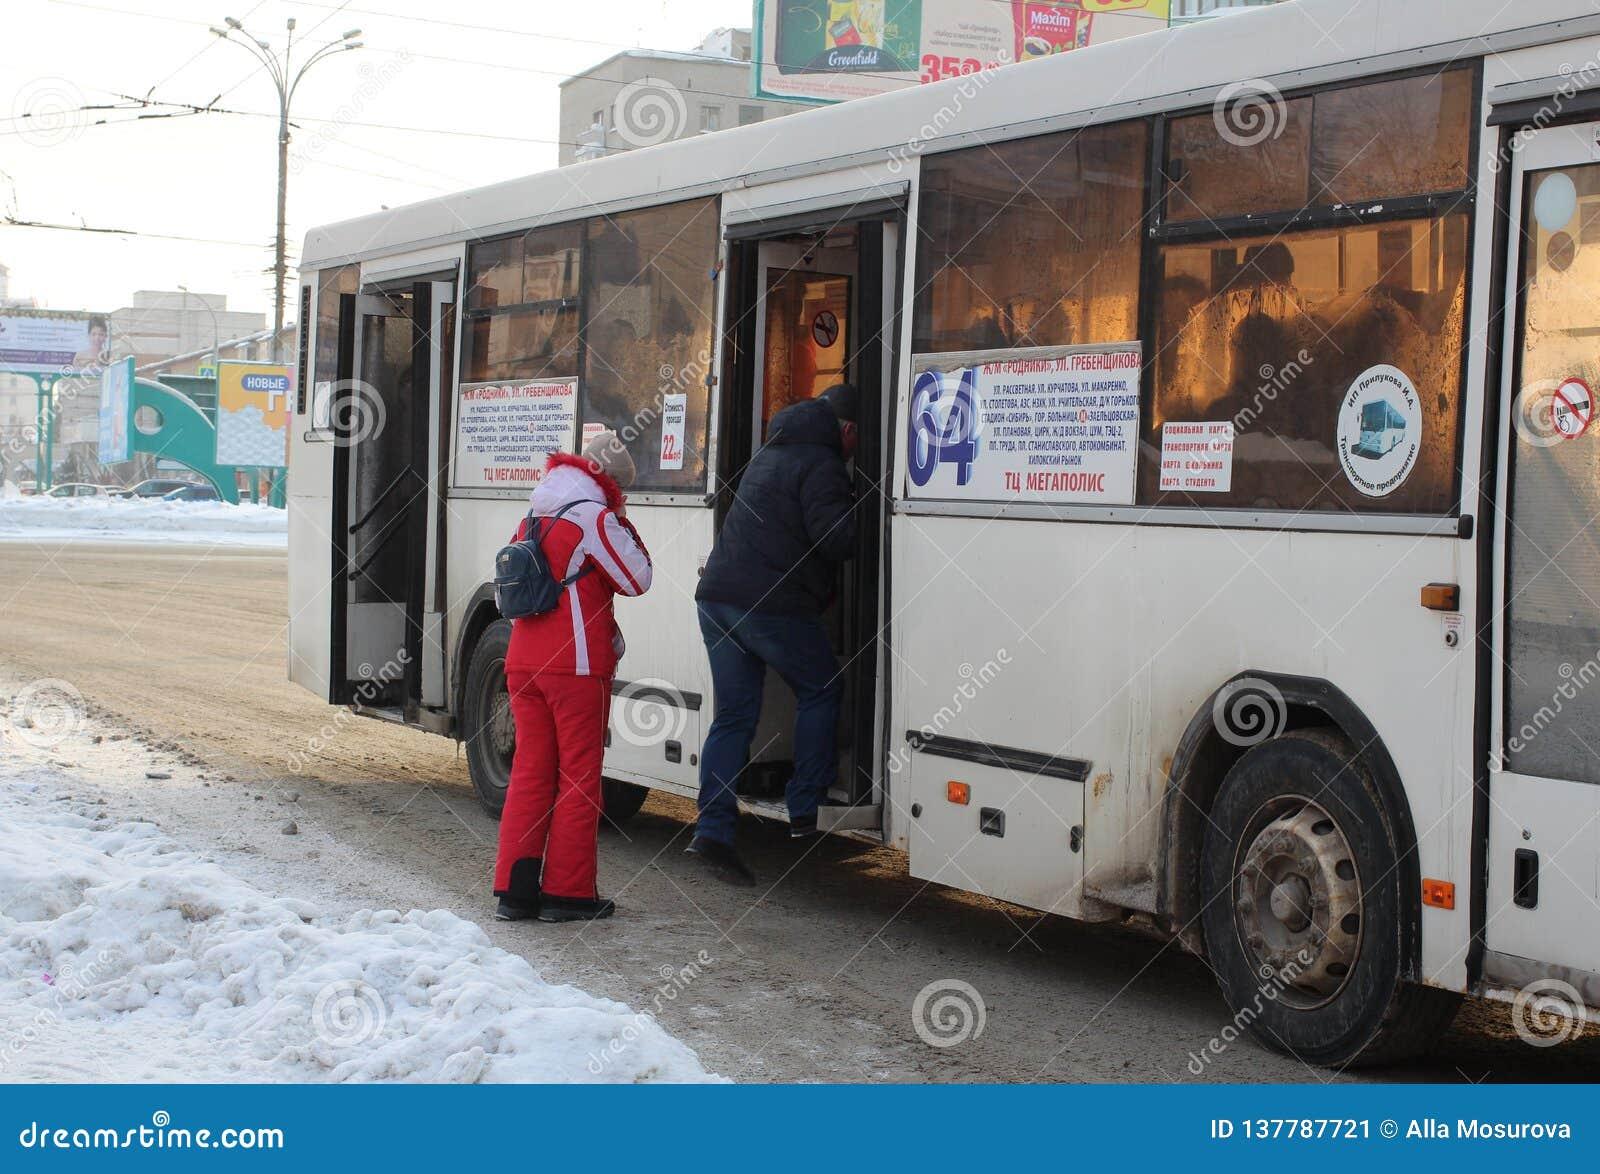   Ñ Ñ€ÑƒÑ  Ñ много пассажиры людей ждать на общественном транспорте автобусной остановки в Новосибирске в зиме